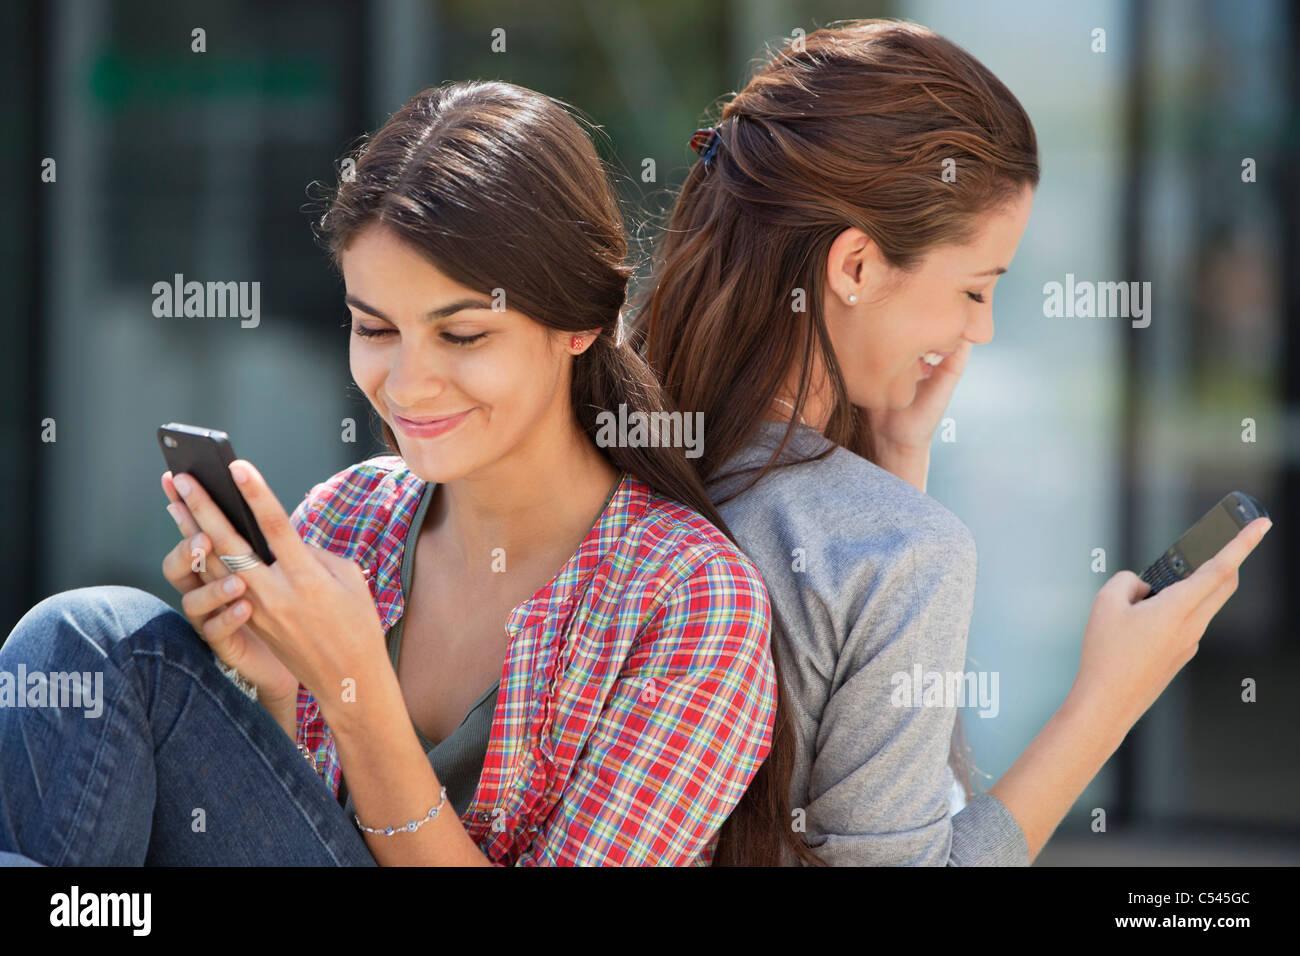 Zwei junge Frauen sitzen zurück zu Rückseite und Text-messaging Stockbild